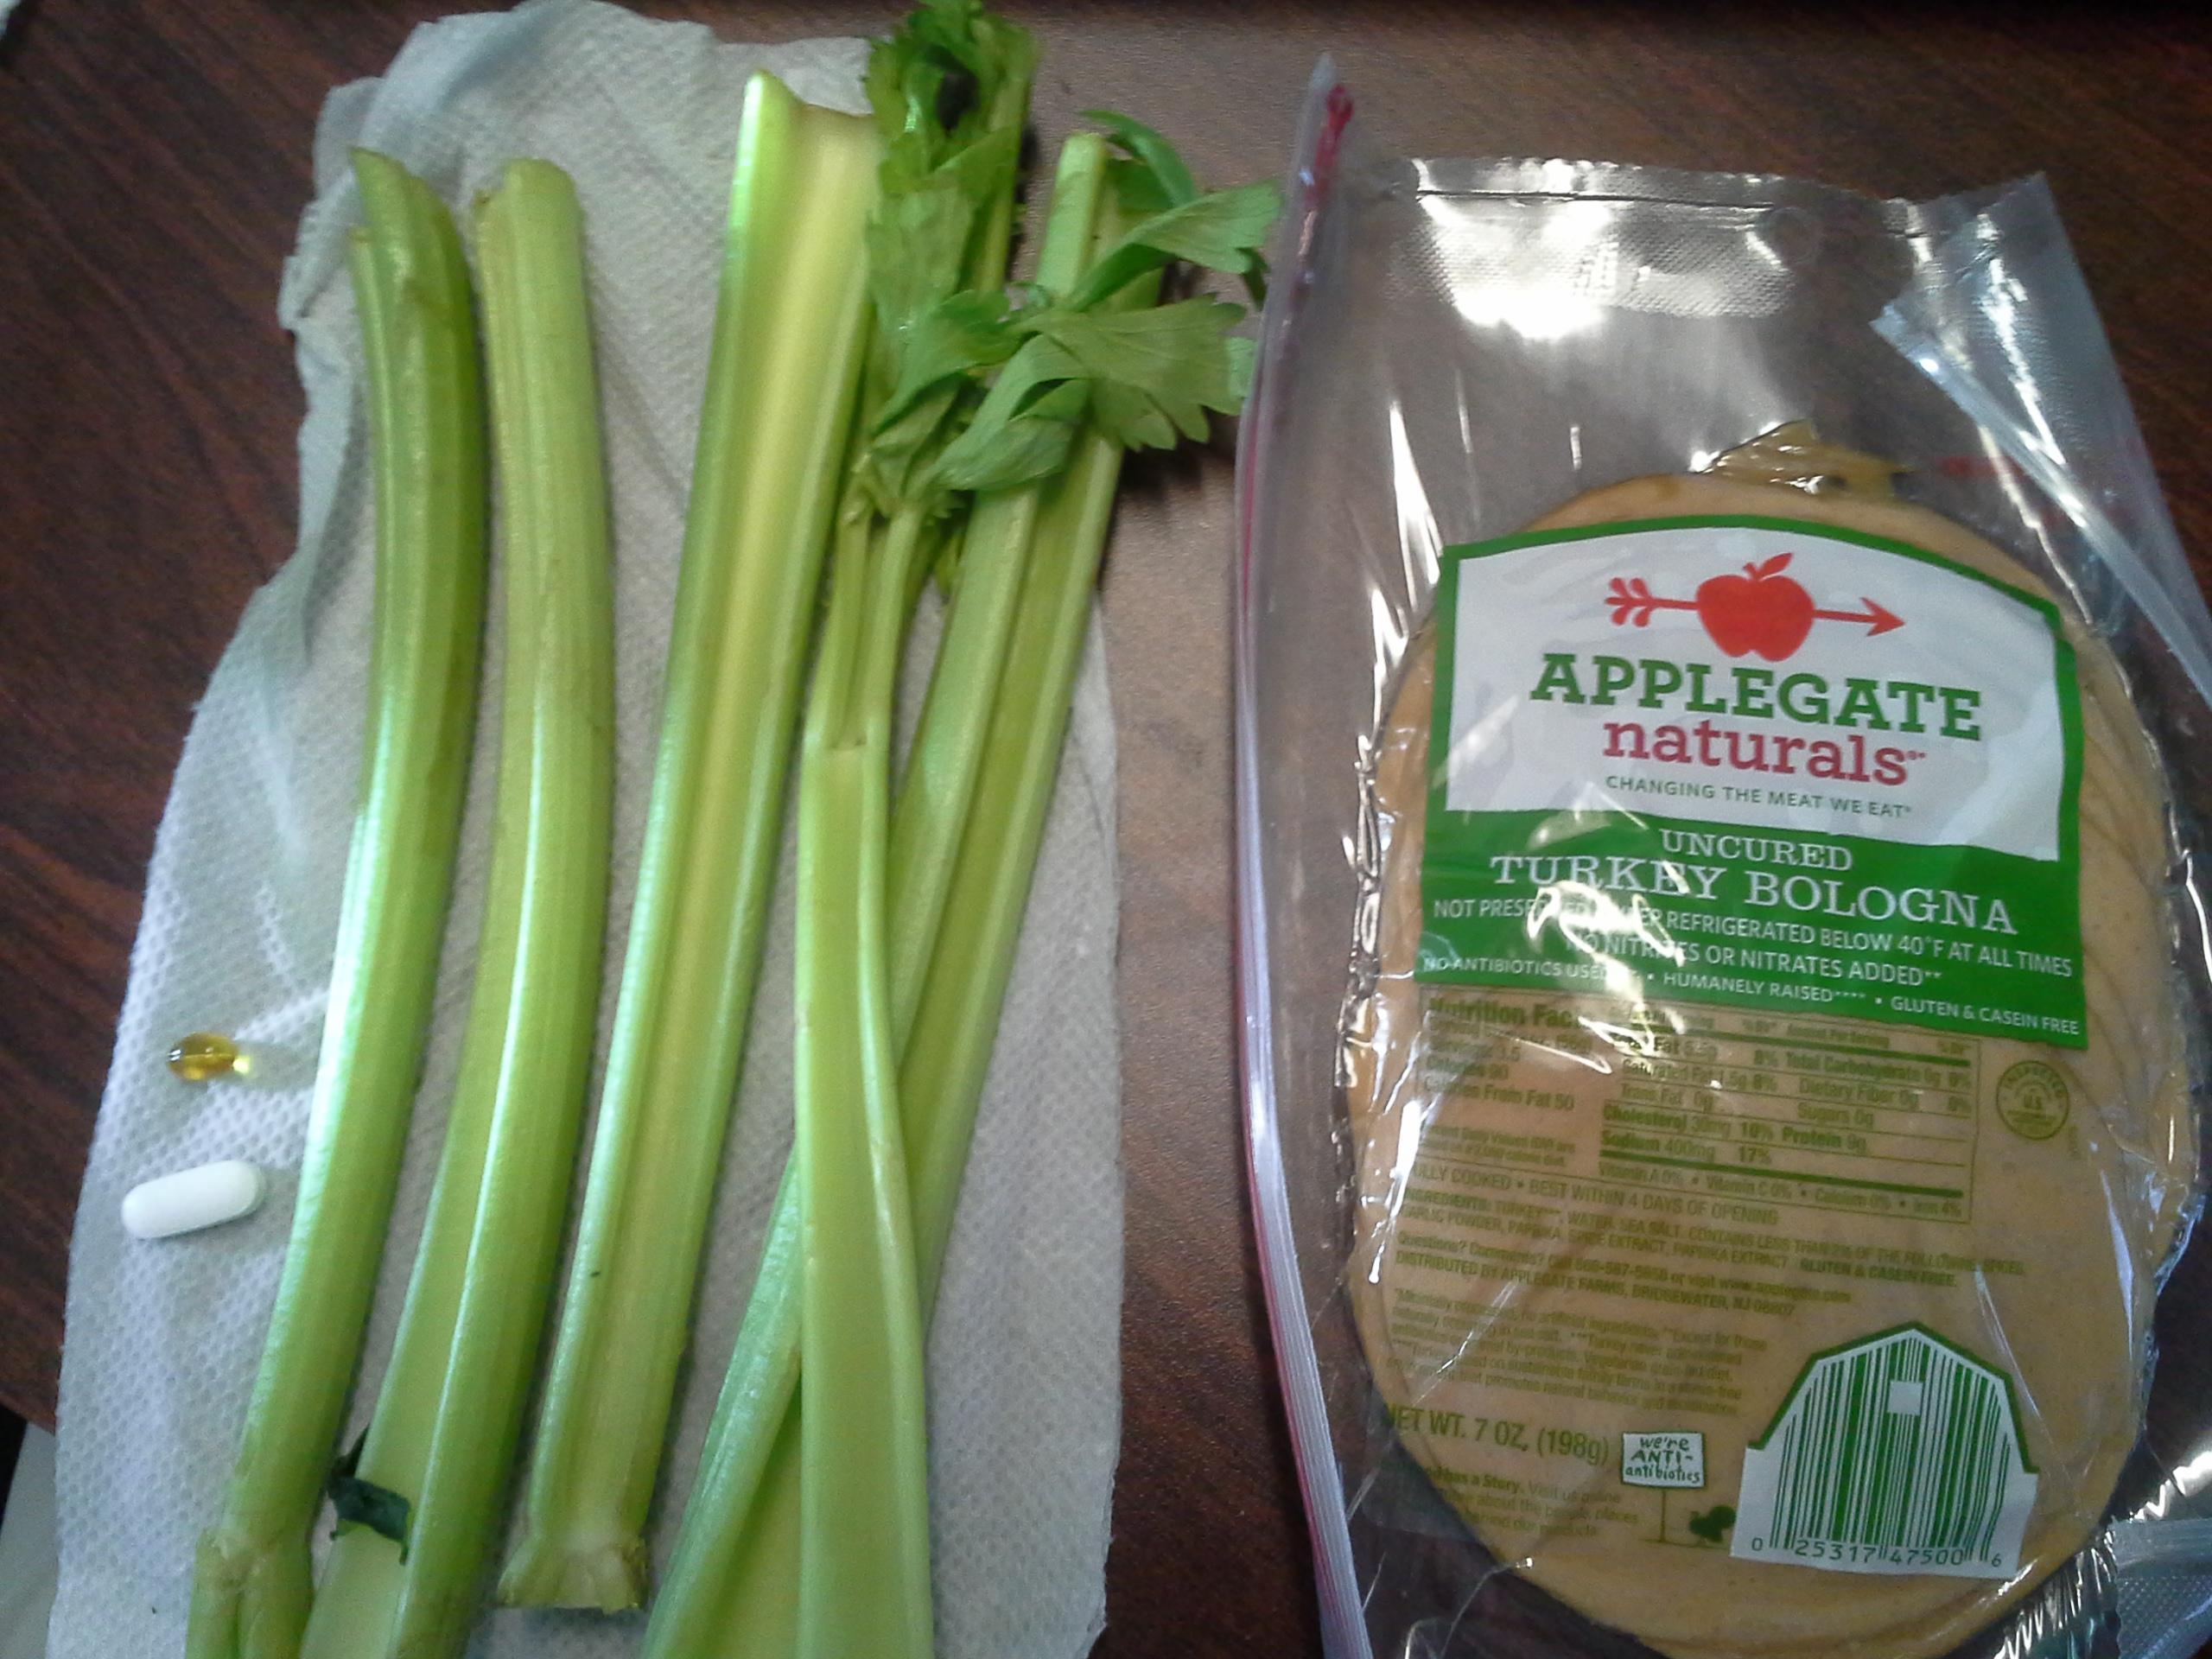 Lunch: 3:30 p.m. | 7 oz. turkey bologna, 5 stalks celery, 5,000 IU Vitamin D capsule, Calcium/Magnesium/Zinc caplet